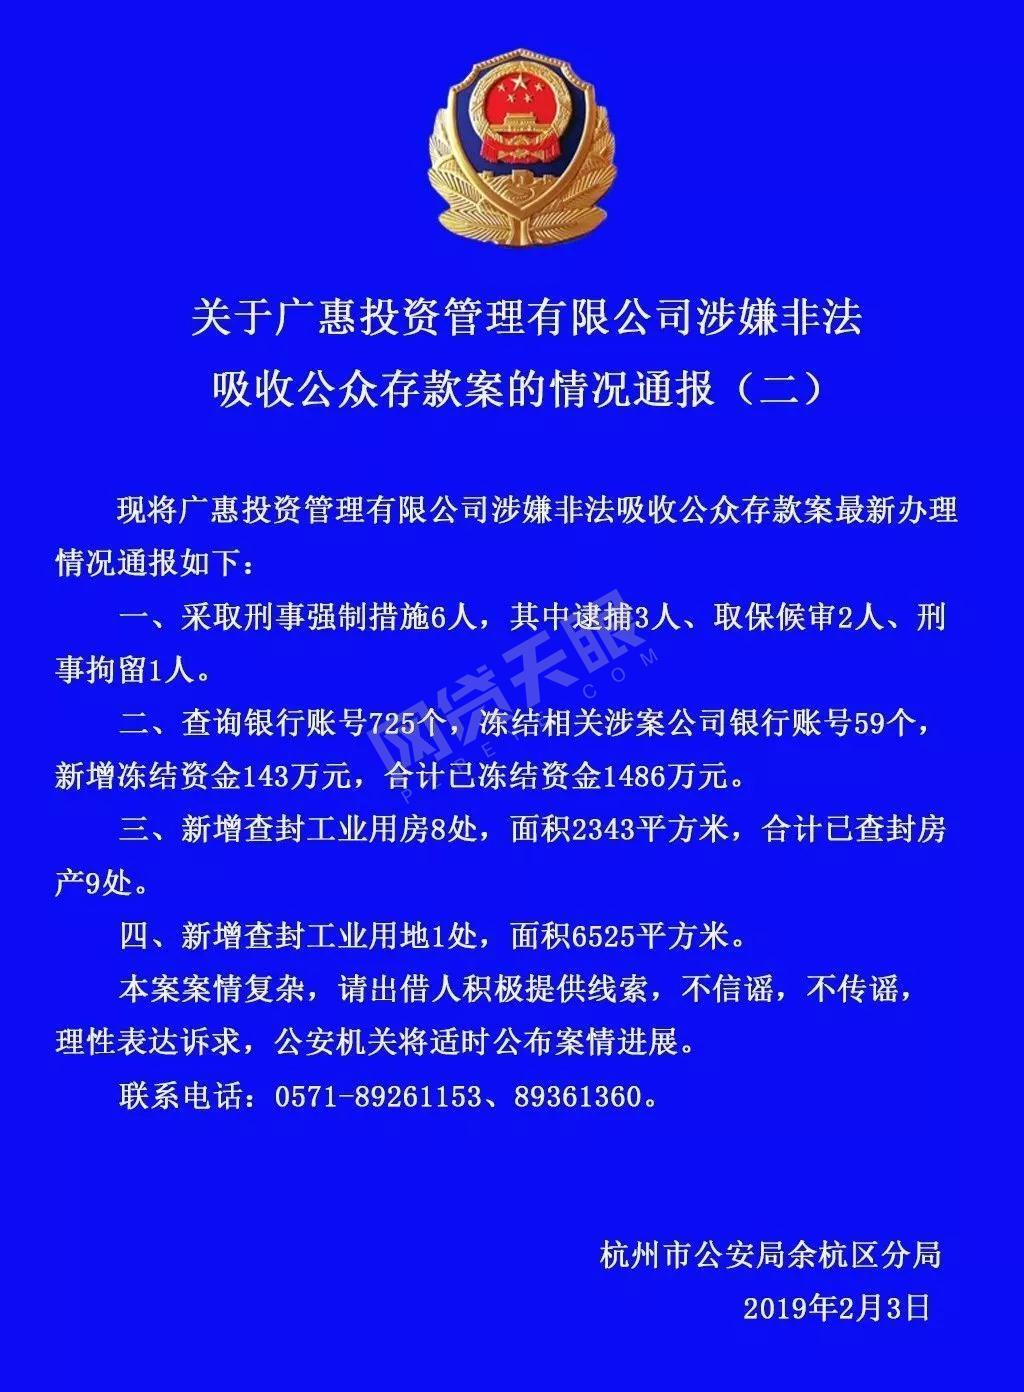 杭州警方公布草根投资等两平台案情进展 合计冻结逾4亿元2